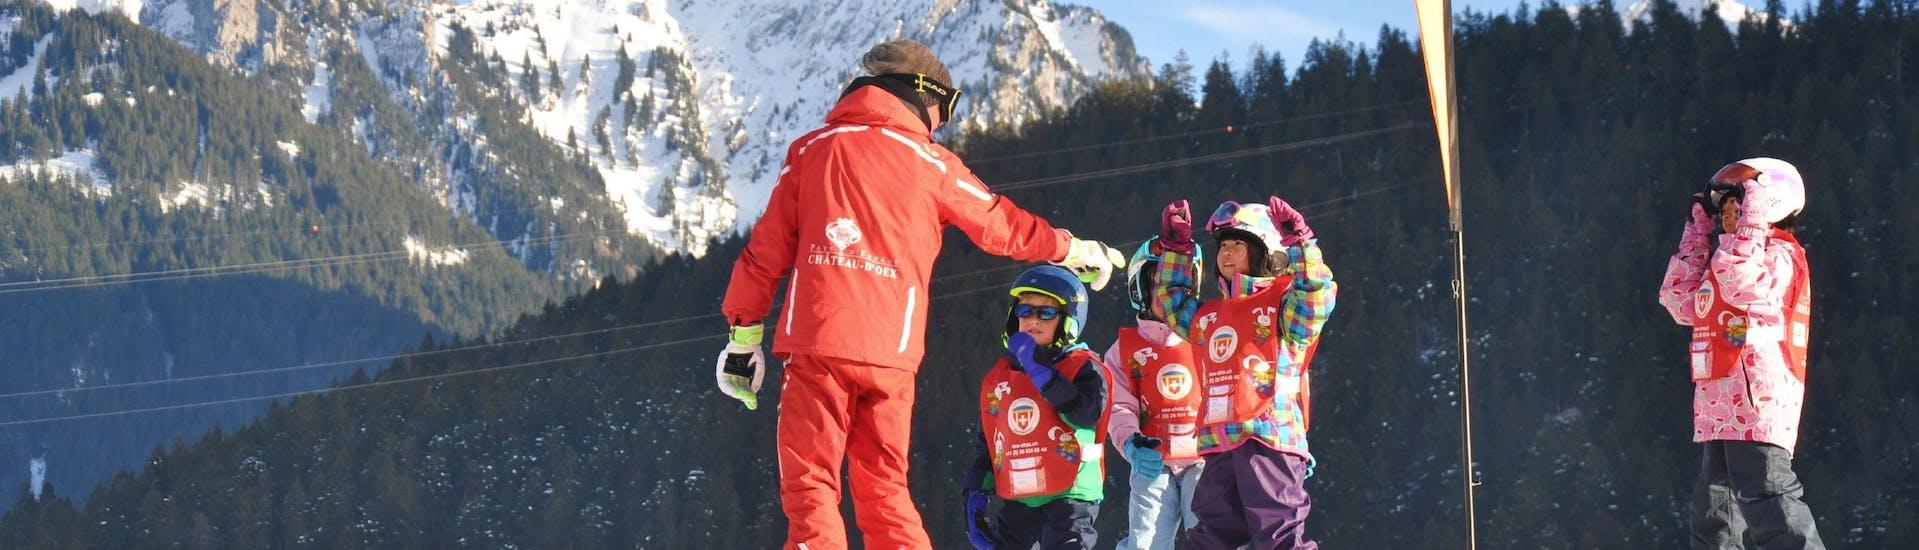 Les enfants suivent les instructions de leur moniteur de ski pendant leur Cours de ski Enfants (6-14 ans) depuis Bulle avec l'école de ski ESS Château d'Oex.